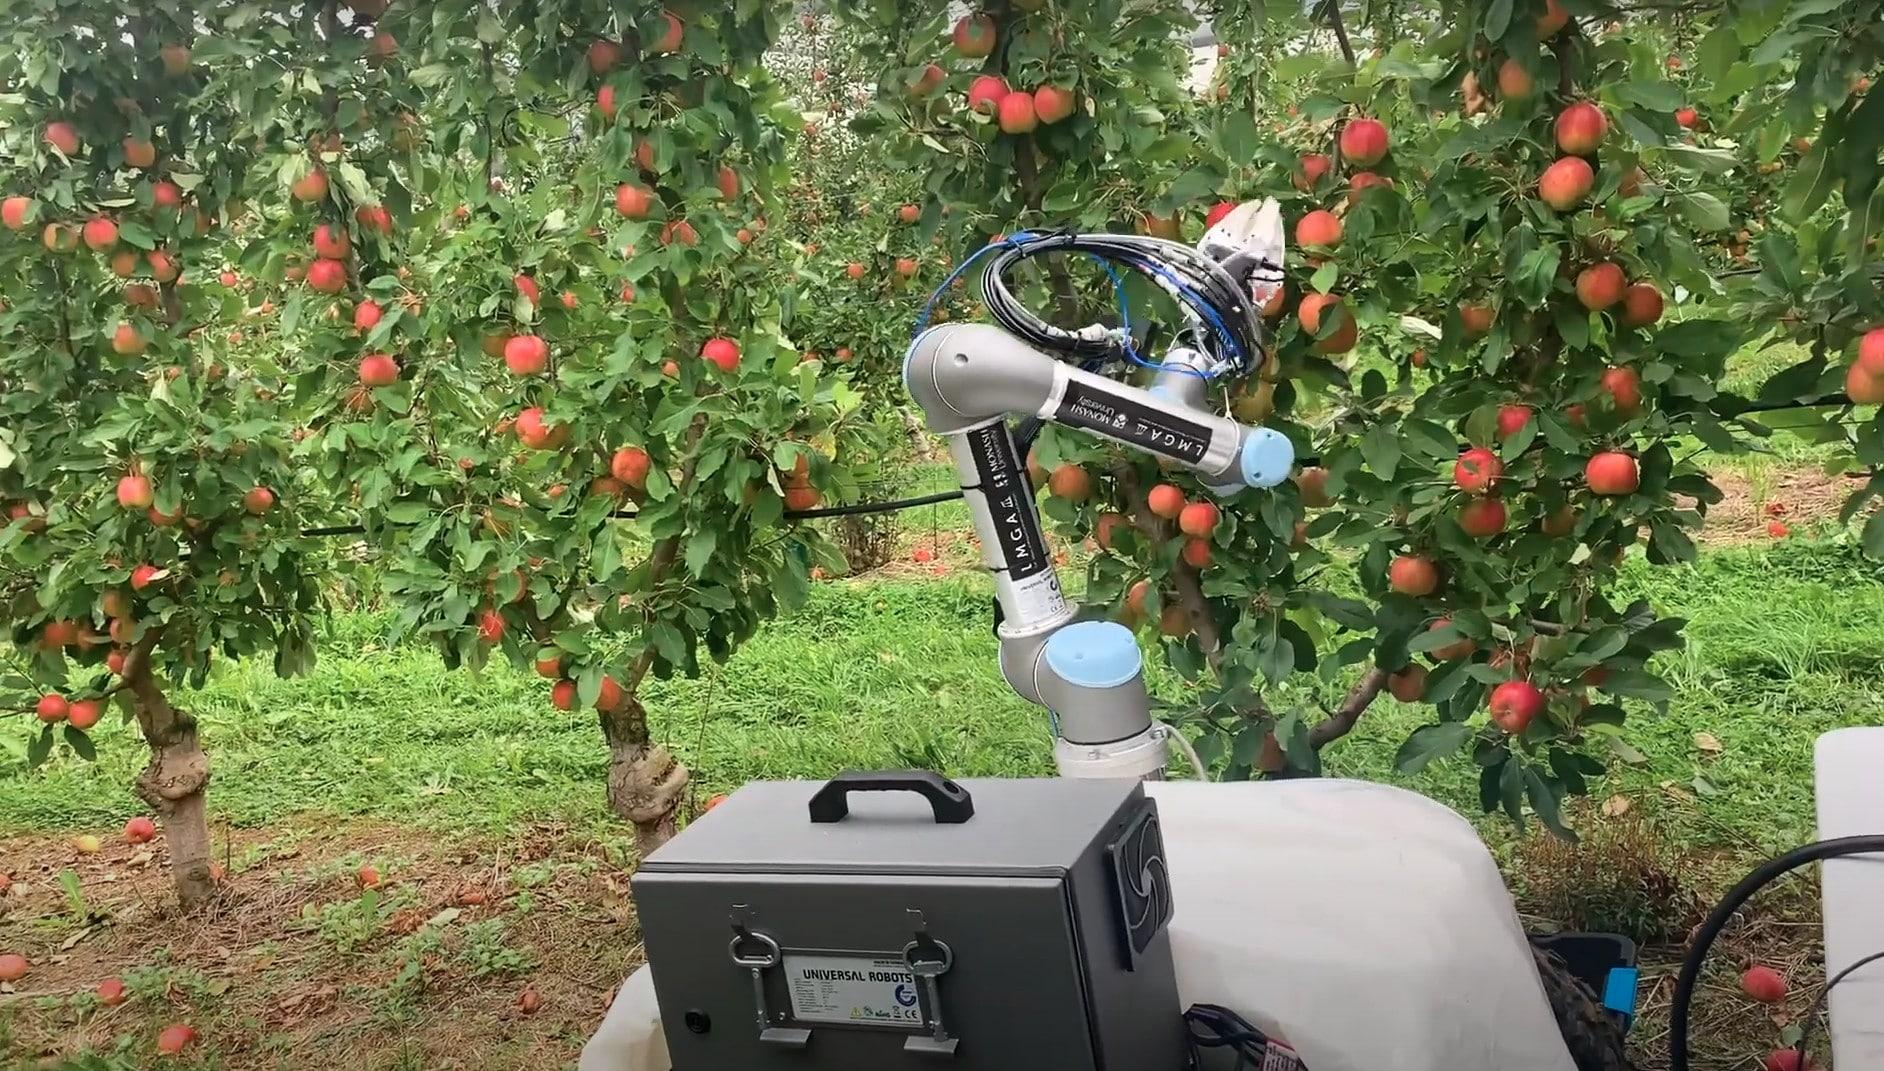 Gelişen teknolojiyle birlikte, robotların bitkisel üretimdeki varlıklarını her geçen gün daha da çok görüyoruz.